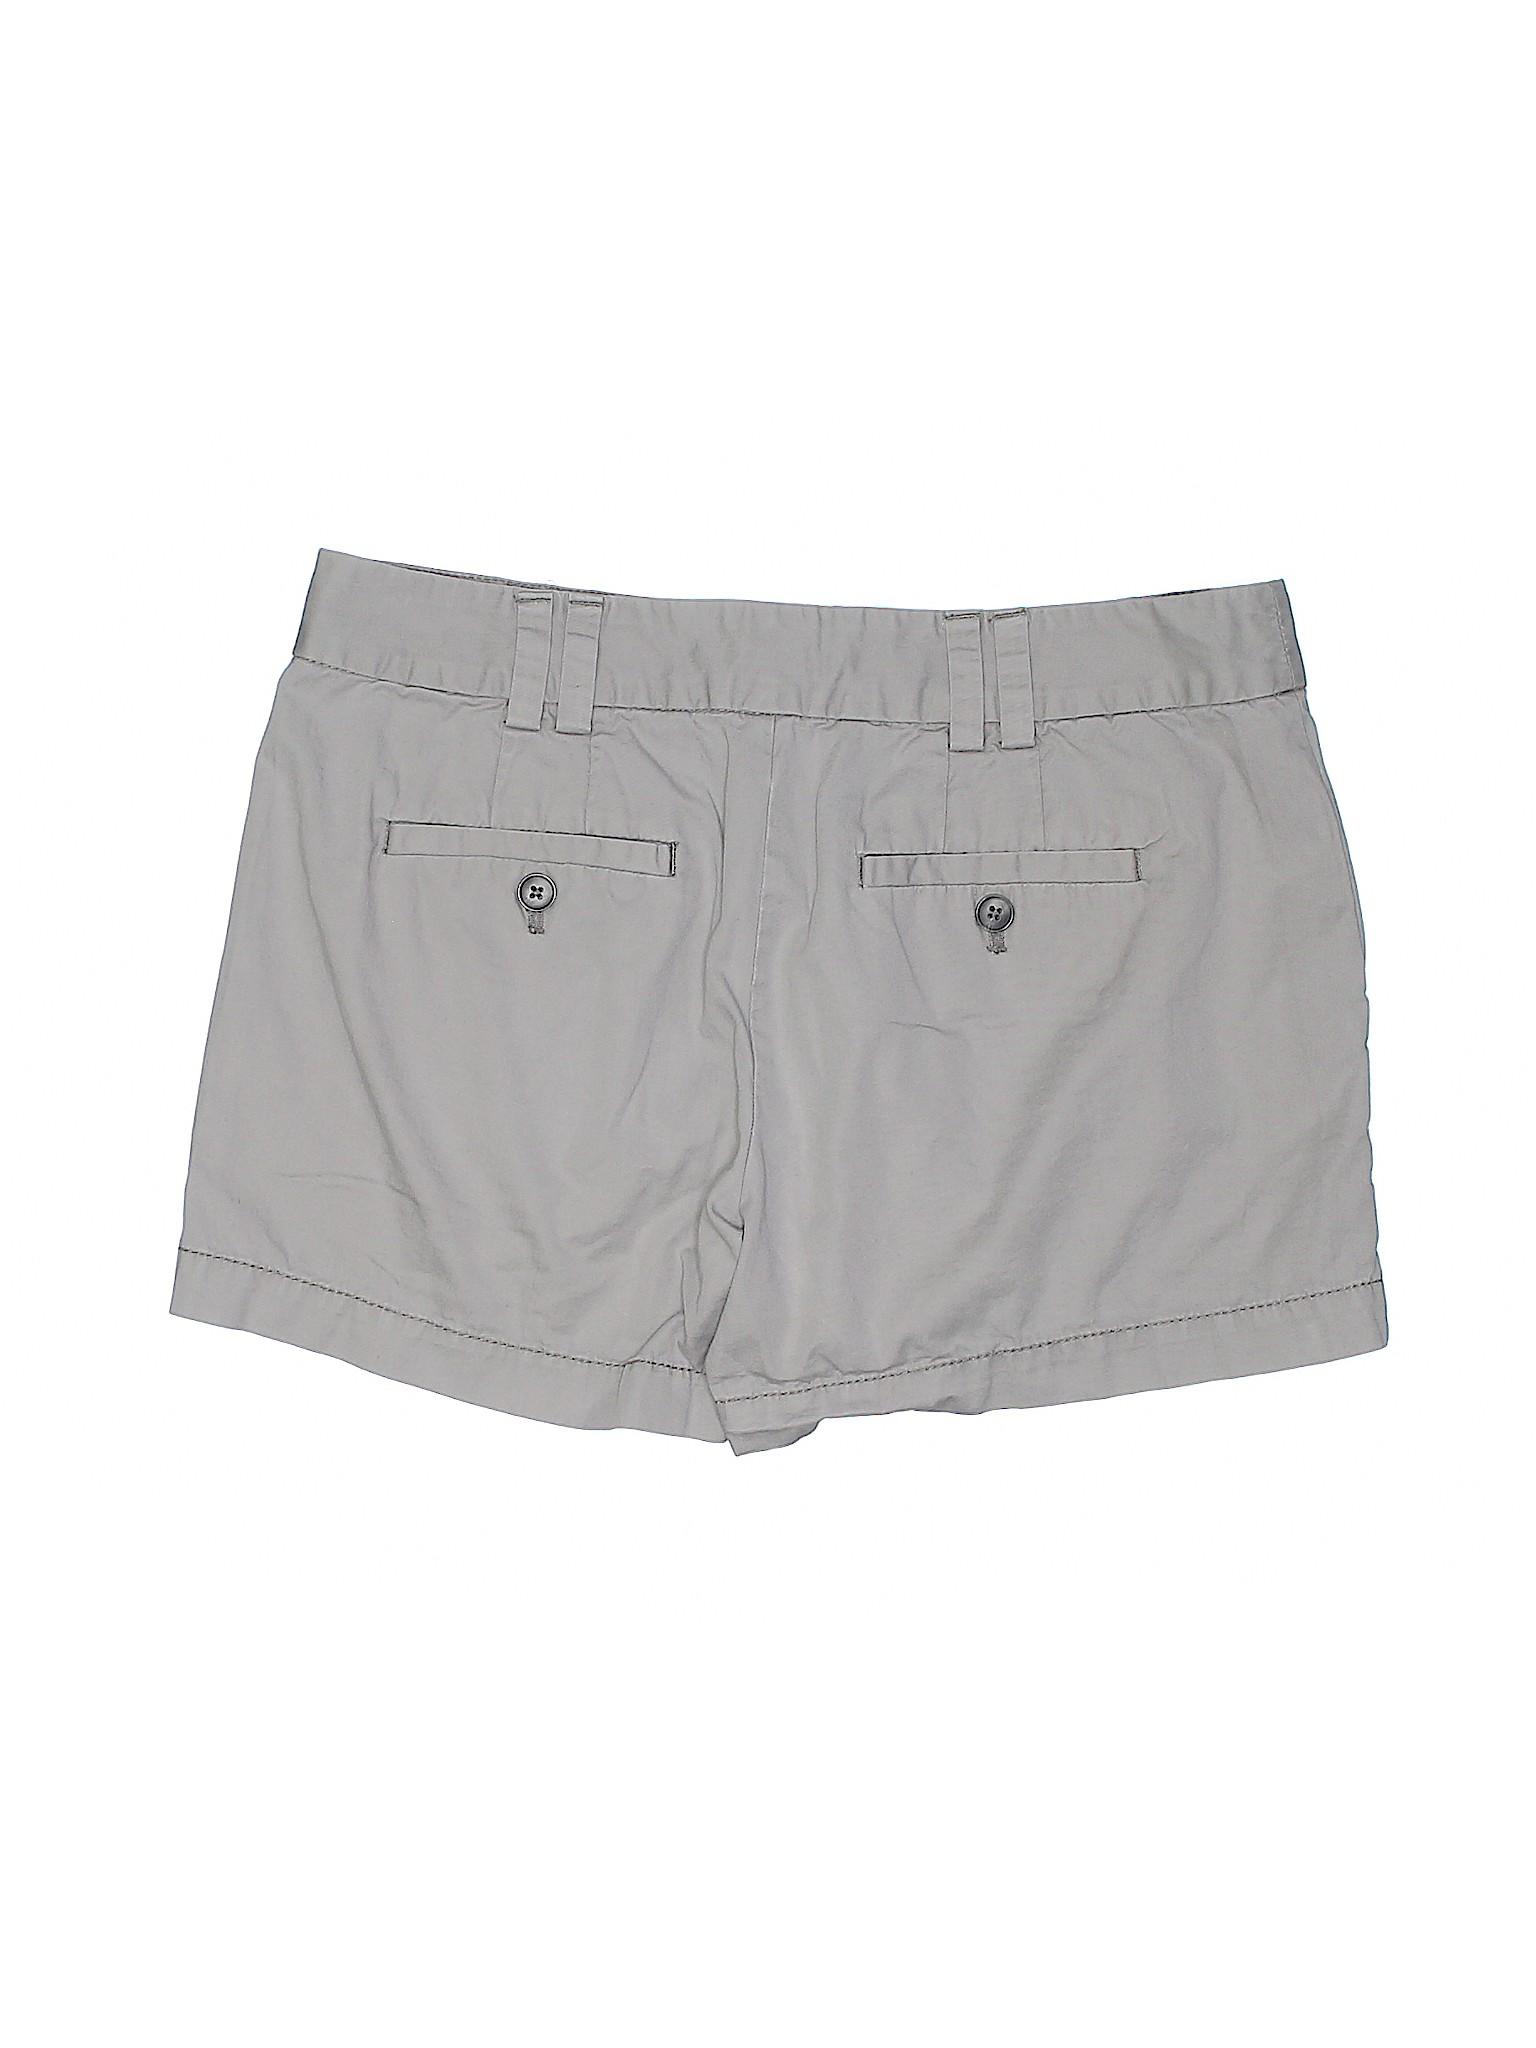 Shorts Boutique LOFT Ann Khaki Taylor XqvvIwY